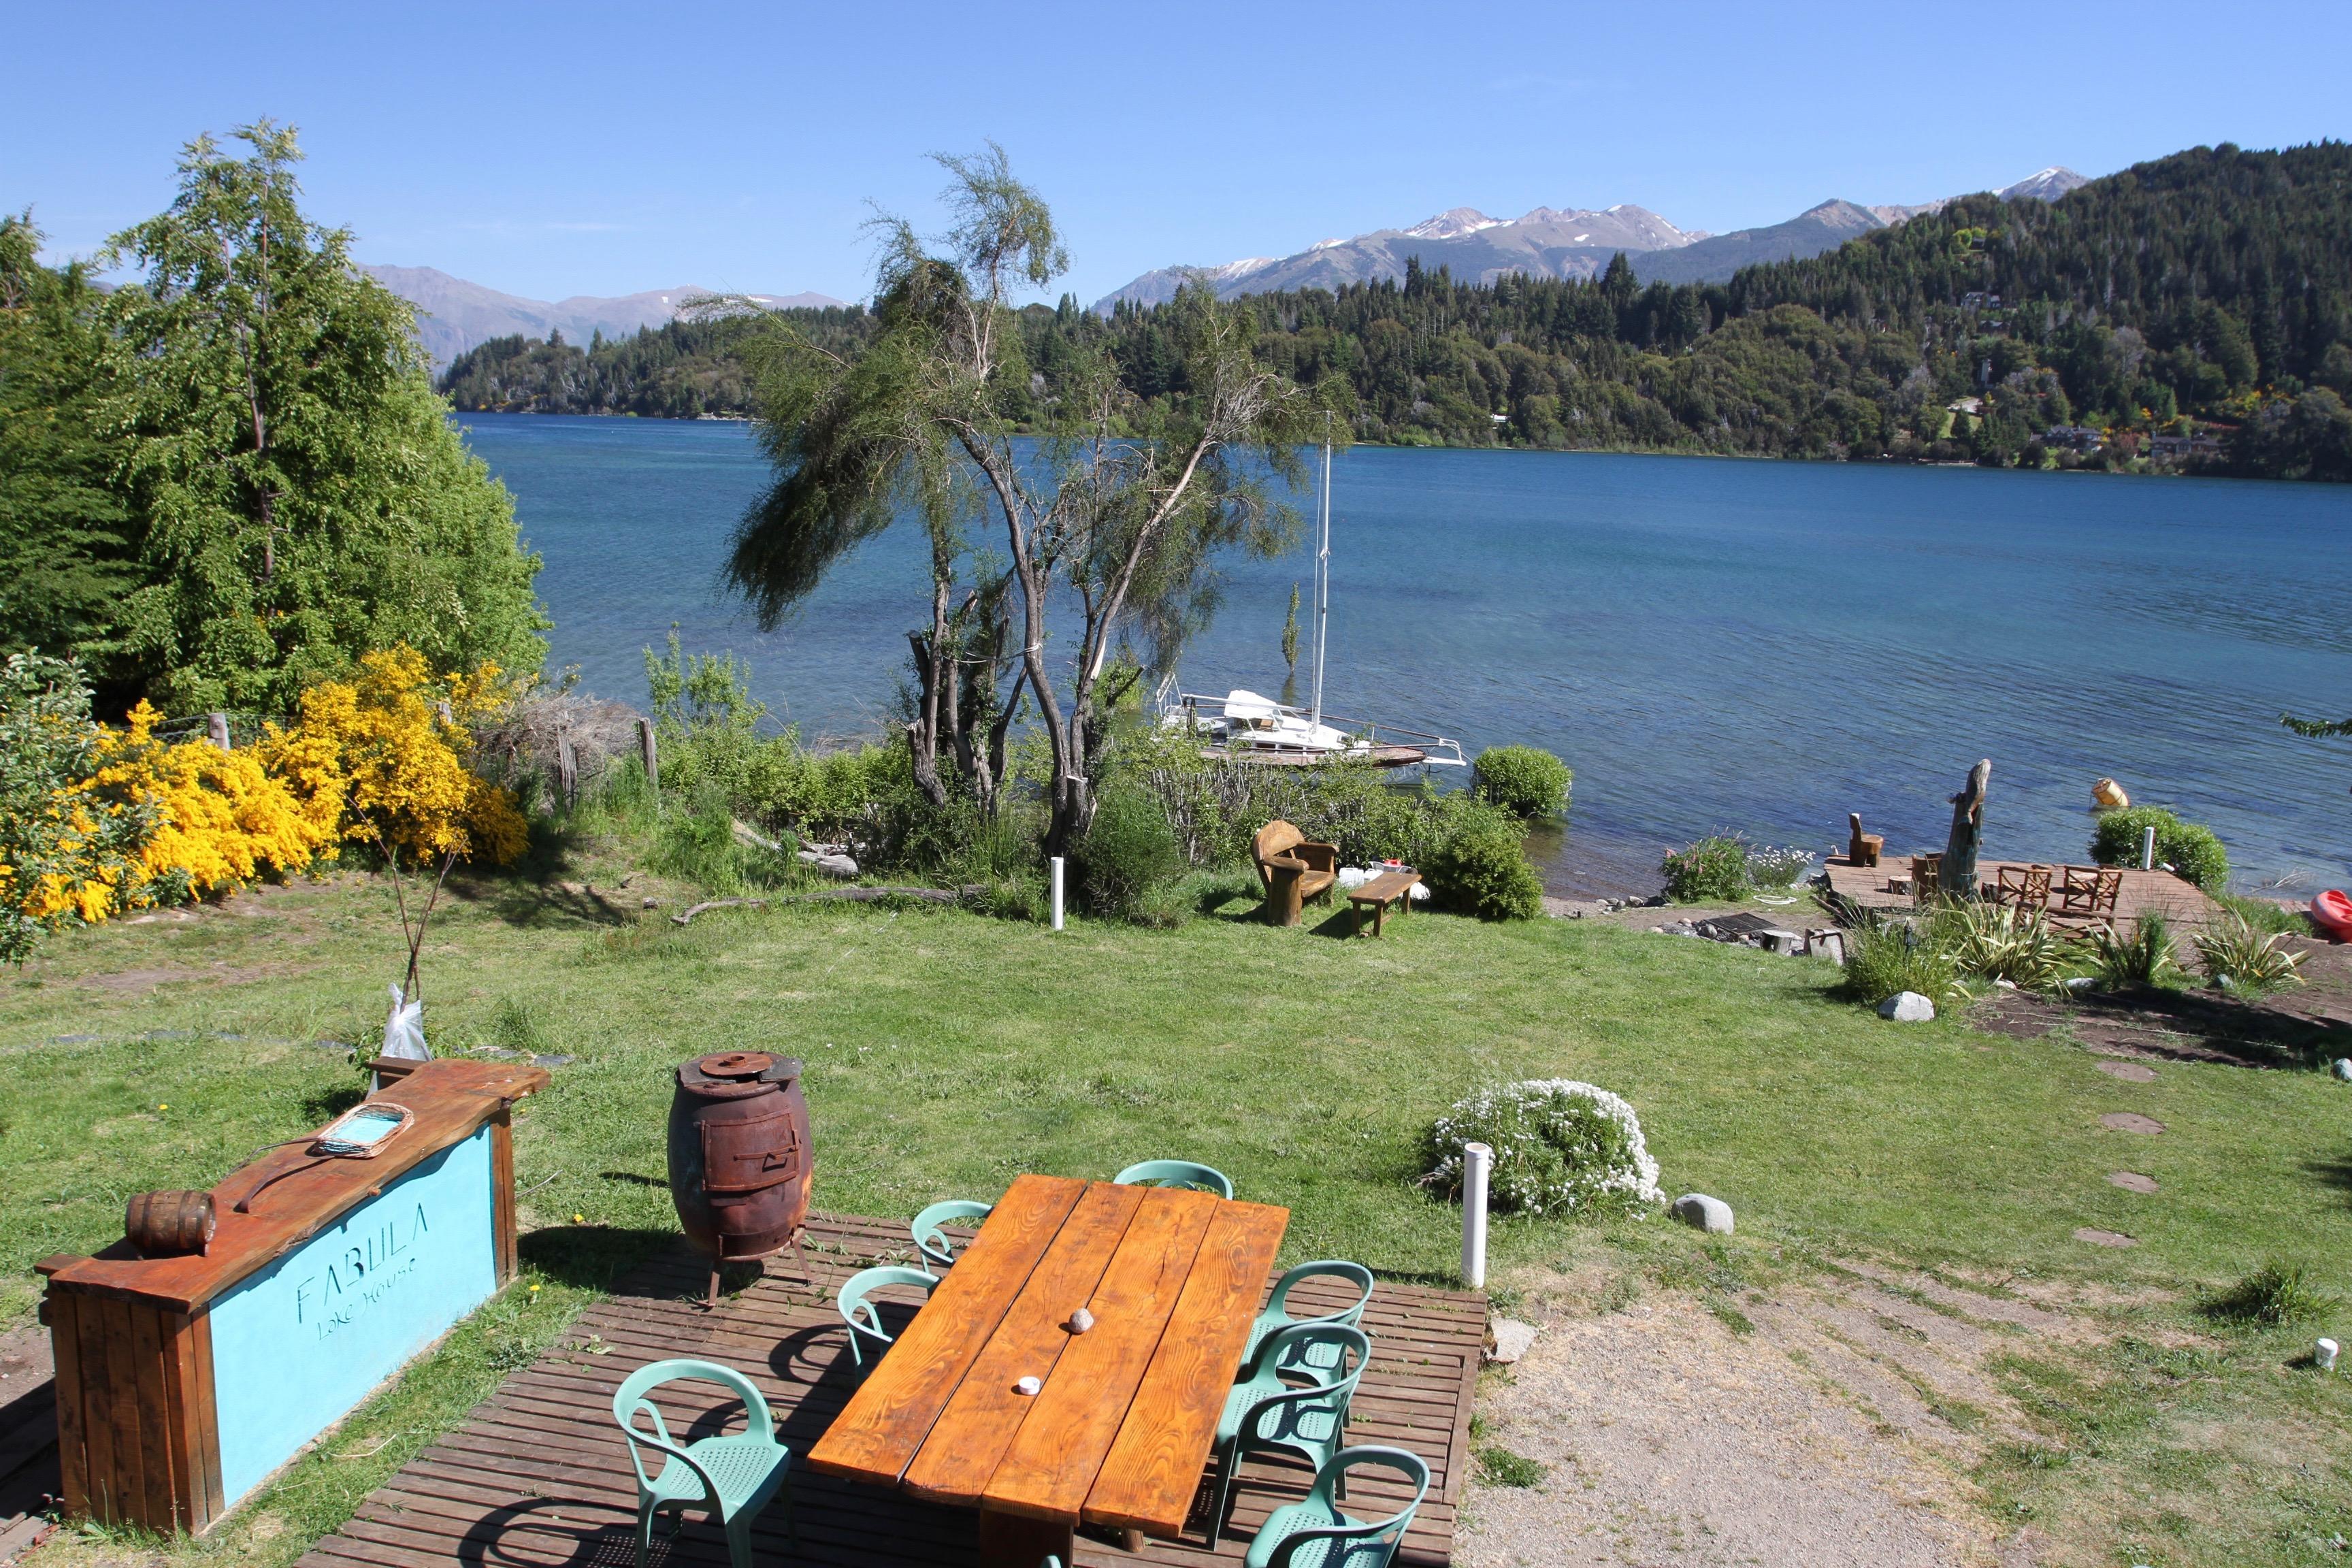 Circuito Grande Bariloche : Villa la angostura u viajes dannemann u sucursal llao llao u bariloche